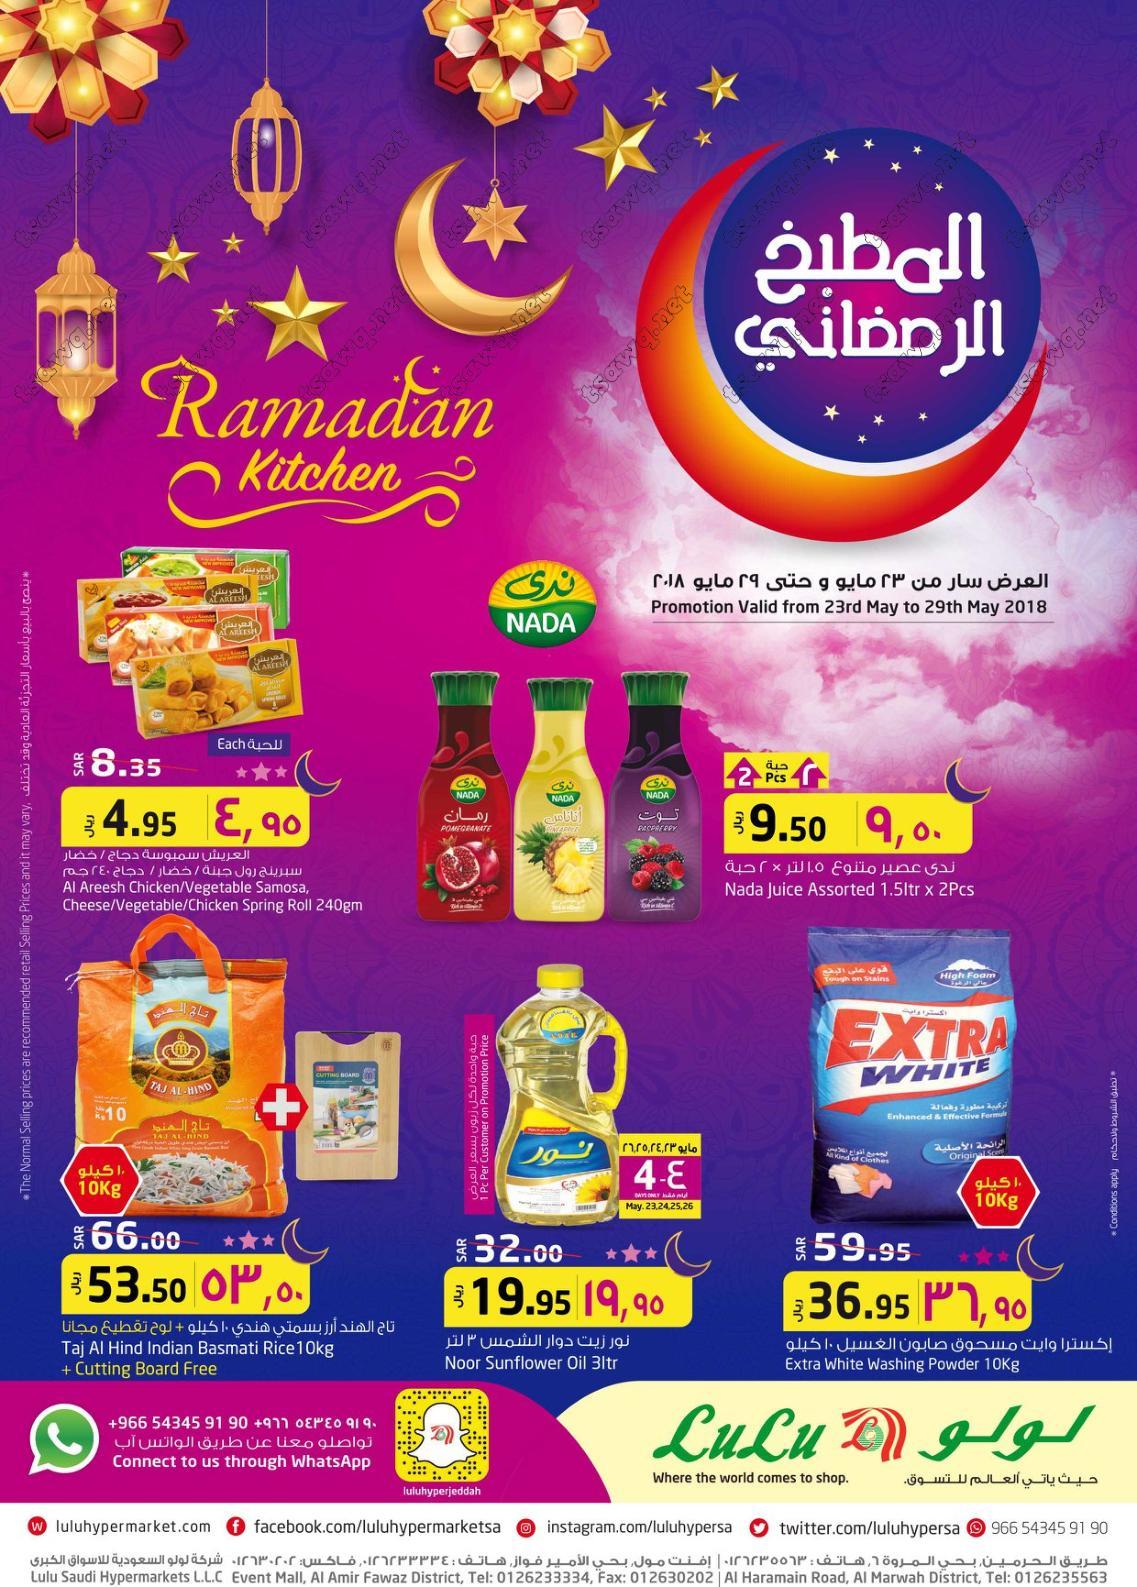 b37ee5e82 عروض لولو السعودية جدة من 23 حتى 29 مايو 2018 رمضان | تسوق نت